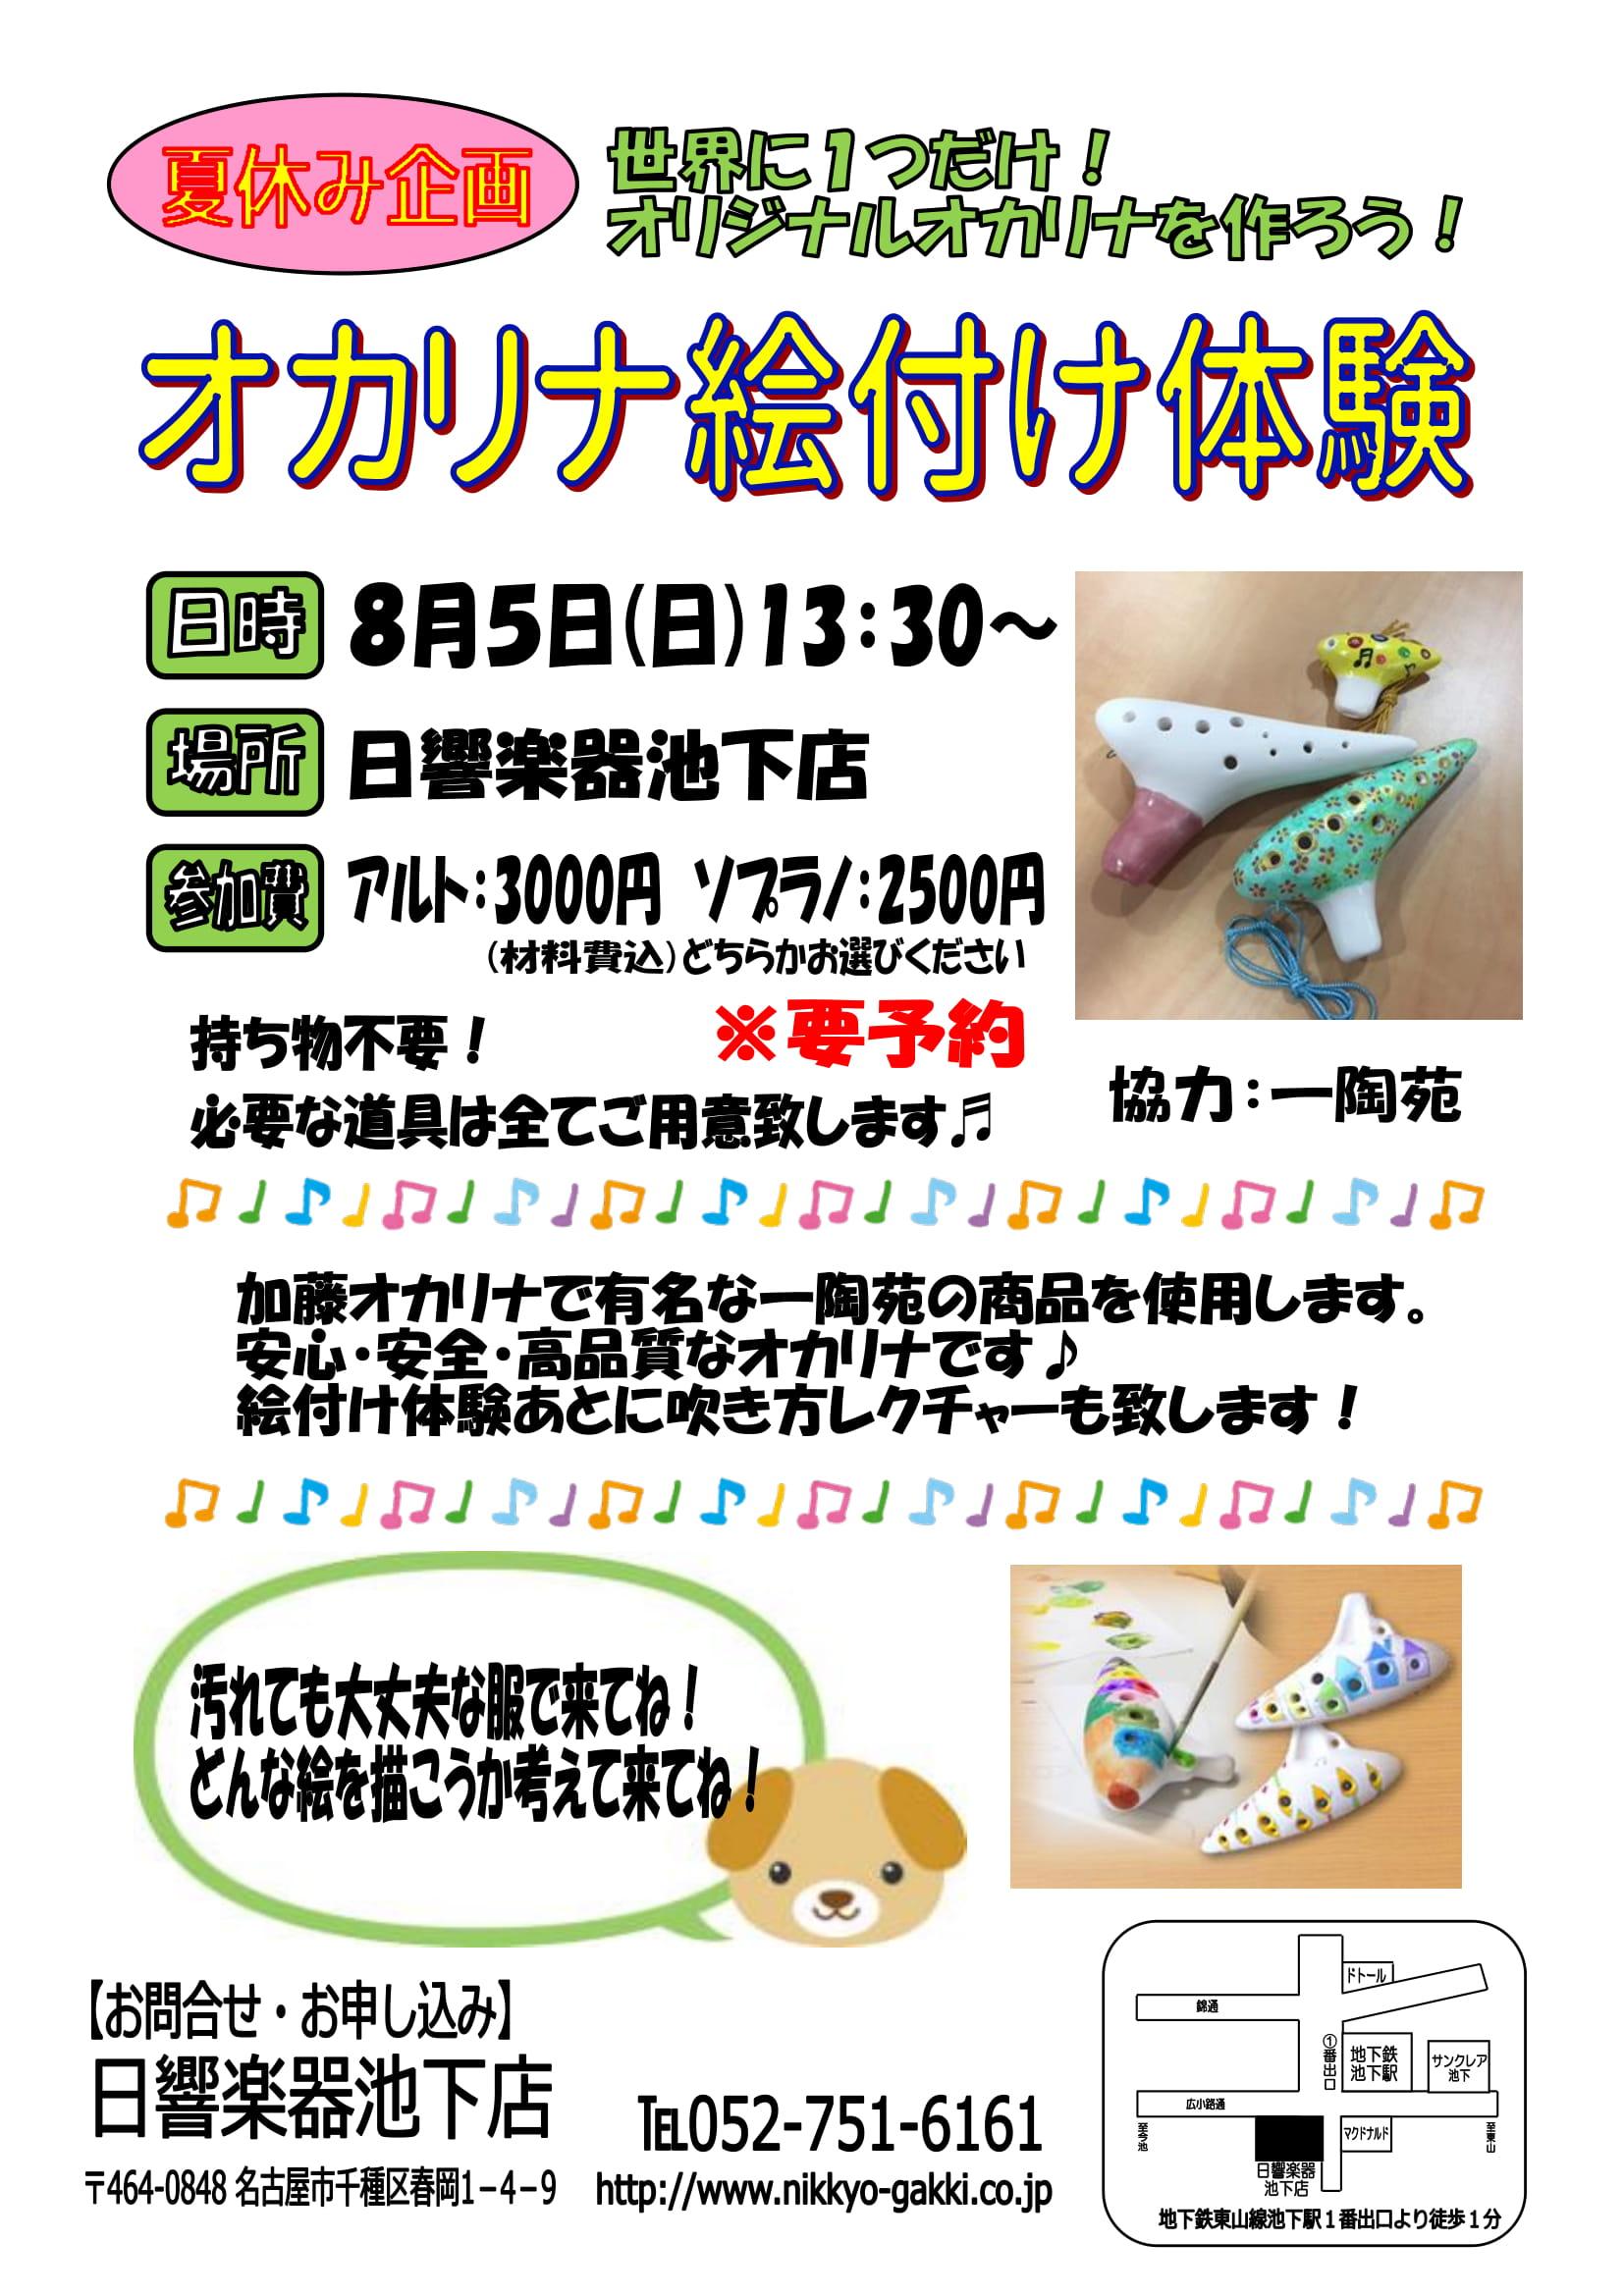 オカリナ絵付け体験ポスター-1